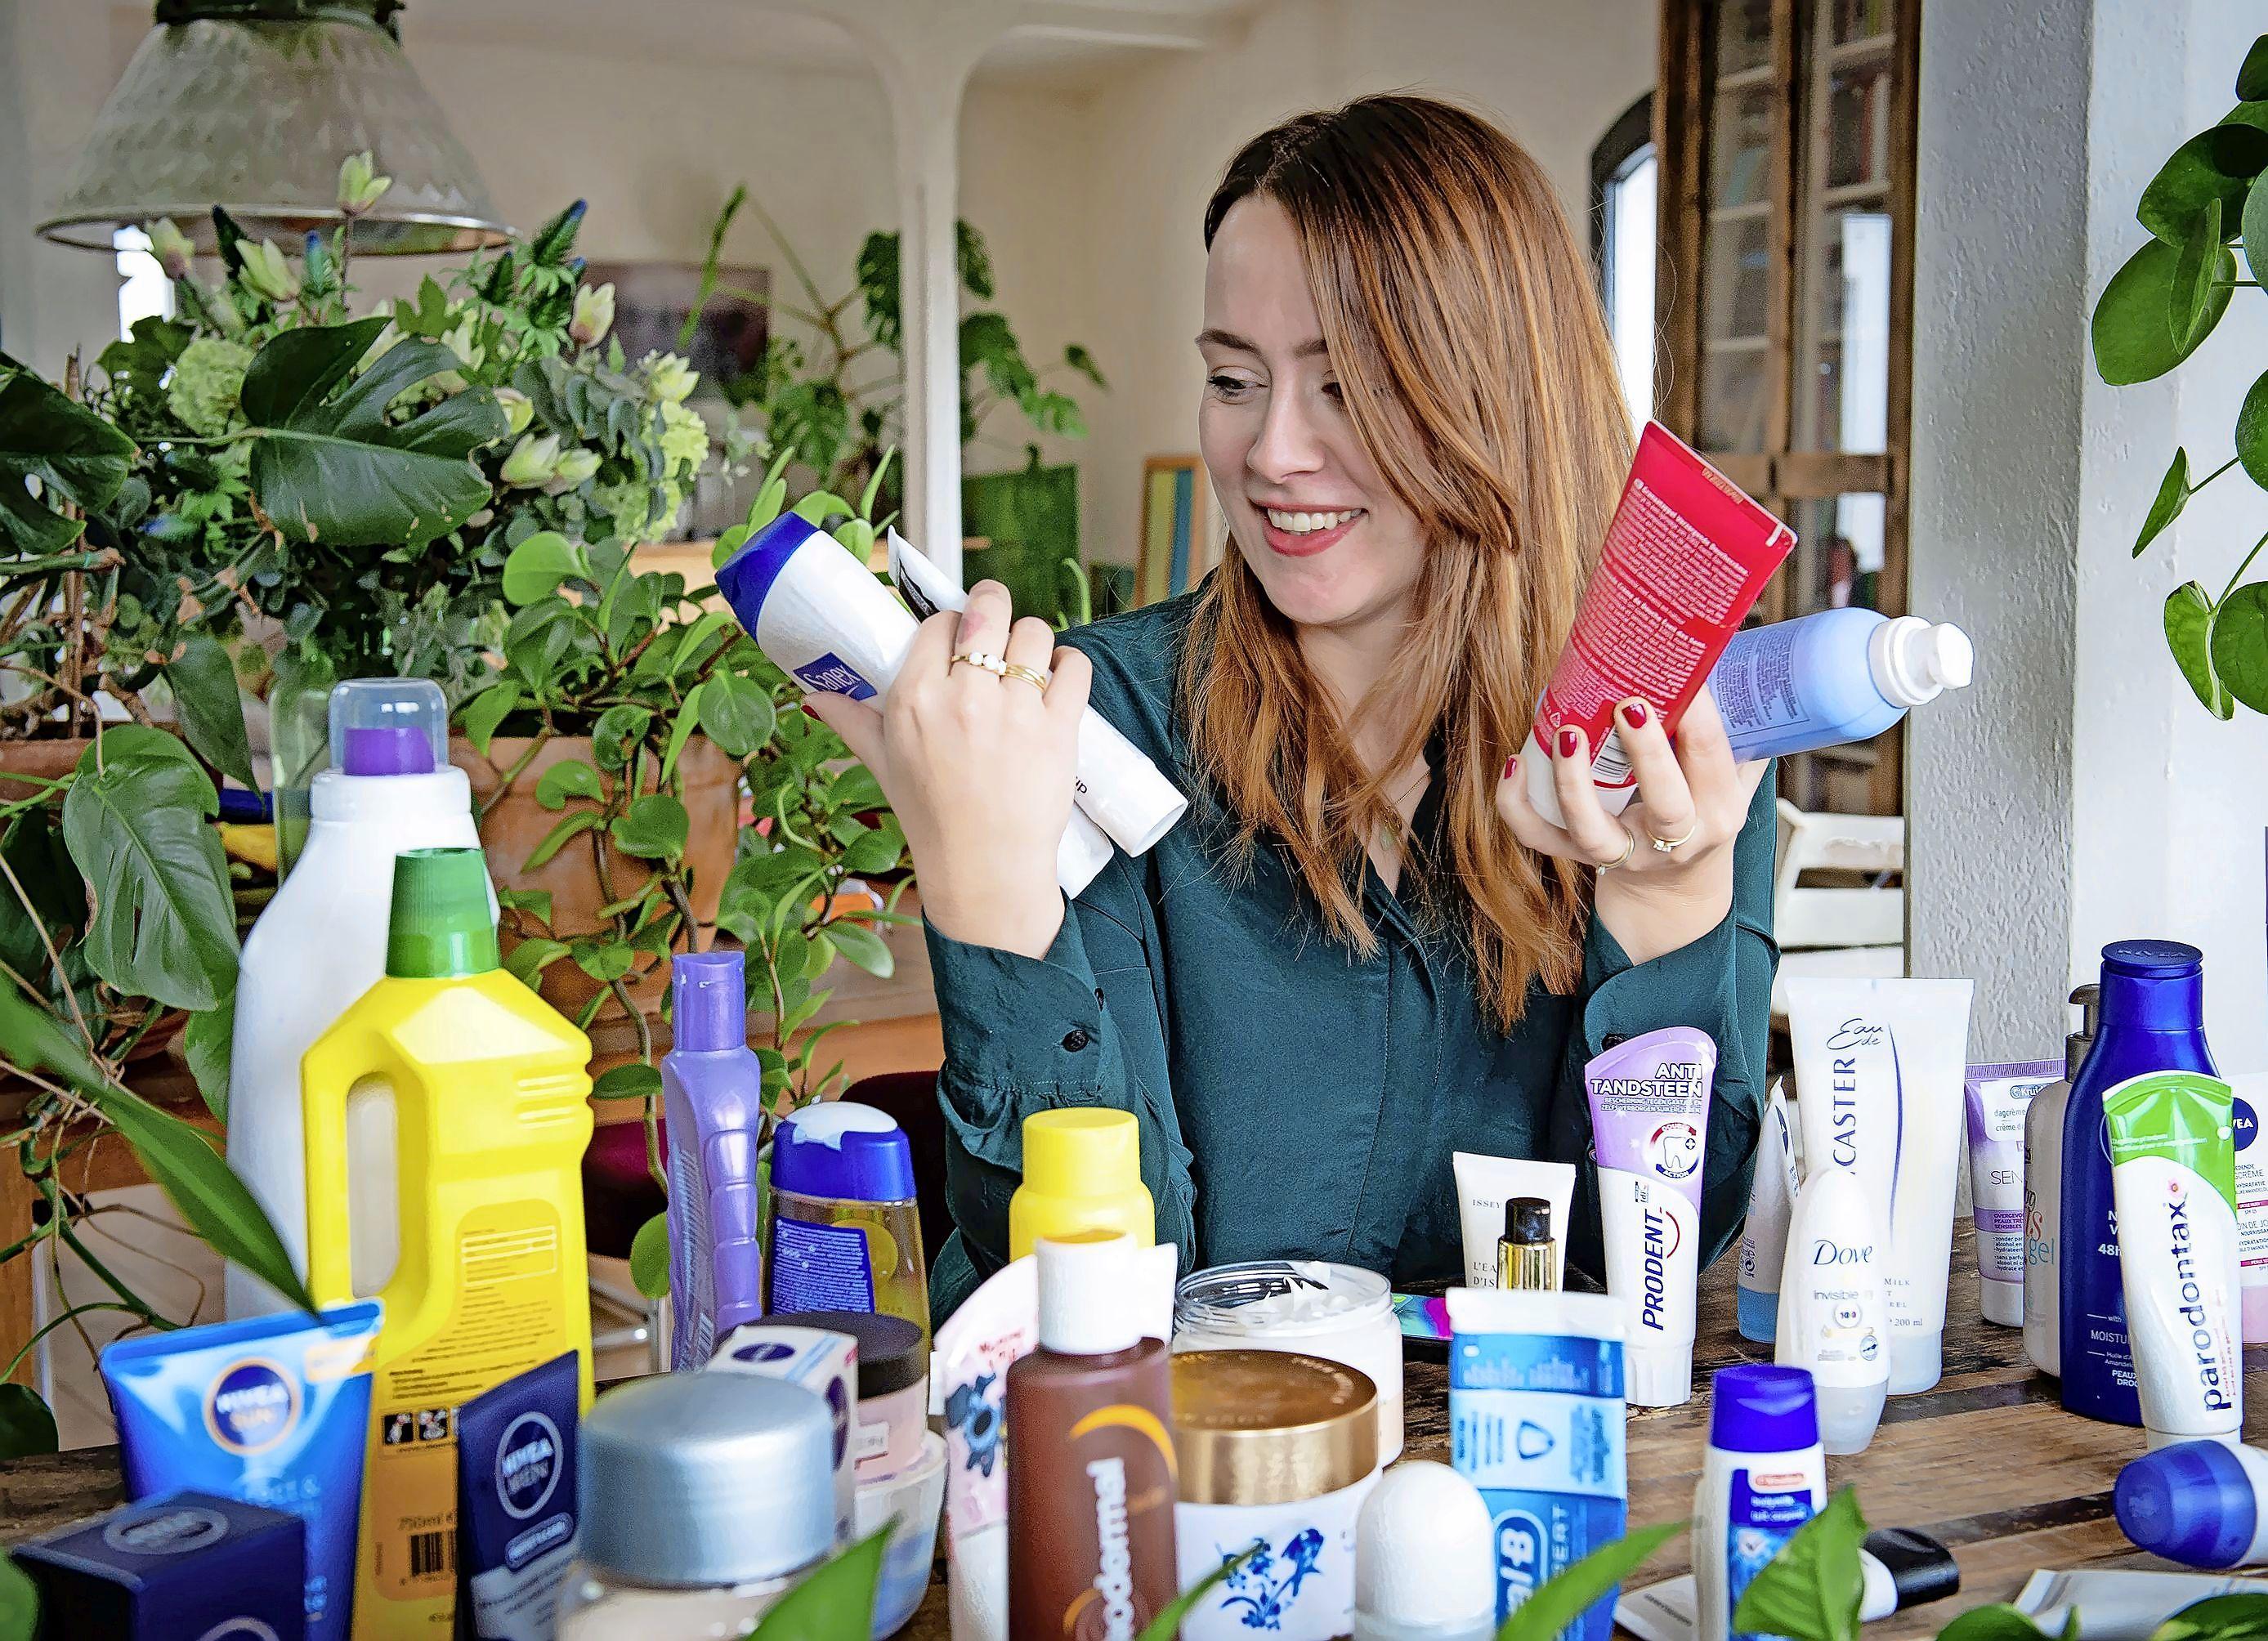 Europese wetgeving om microplastics uit verzorgingsproducten te weren is in de maak, maar is dat wel zo'n goede zaak?